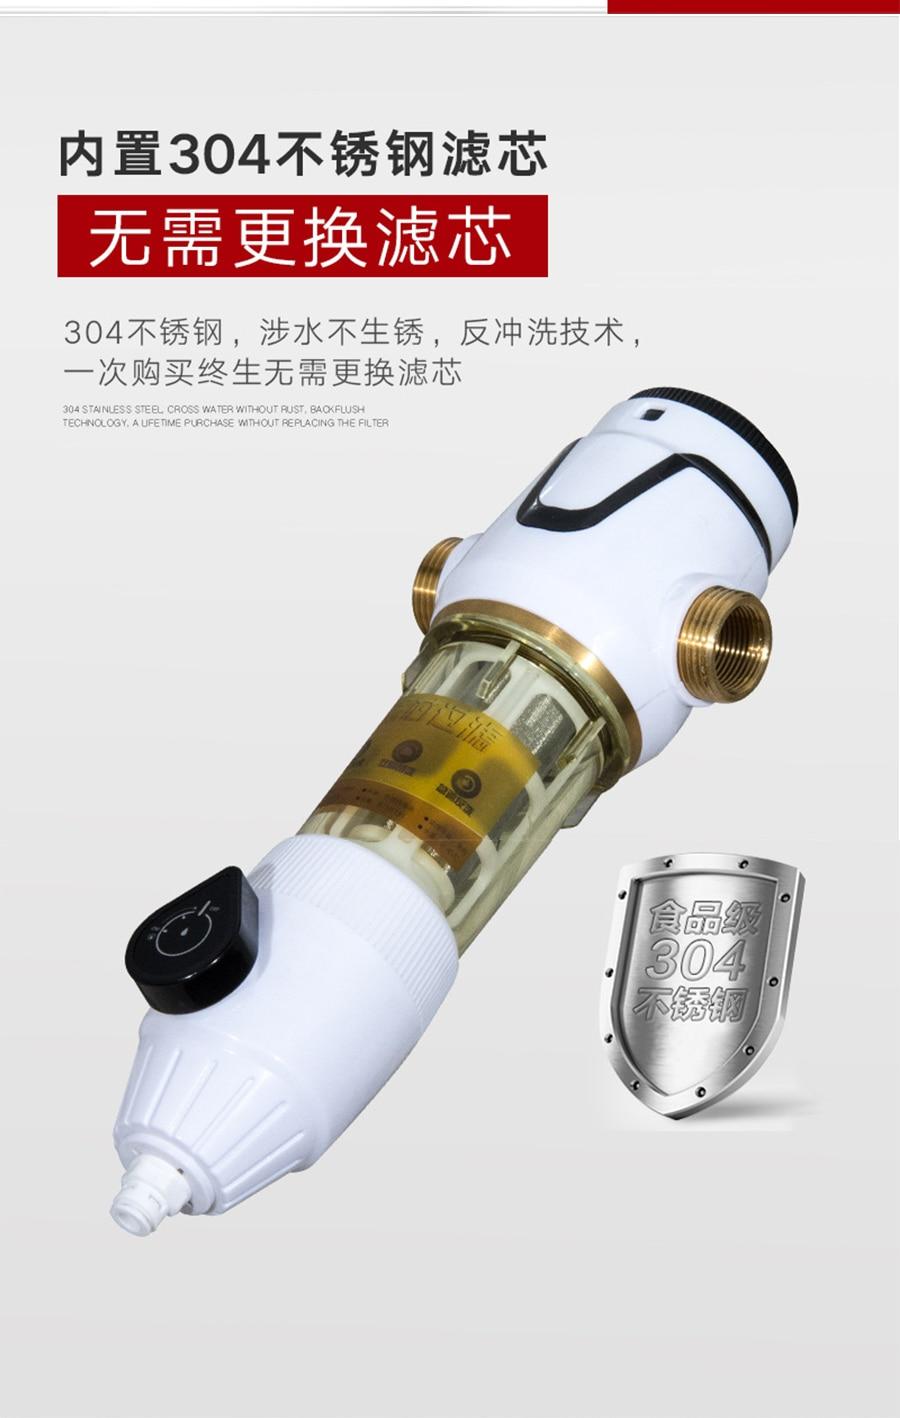 FOHEEL центральный фильтр для предварительной очистки воды Механический защитный прибор обратного осмоса очиститель воды 40UM фильтр очистки